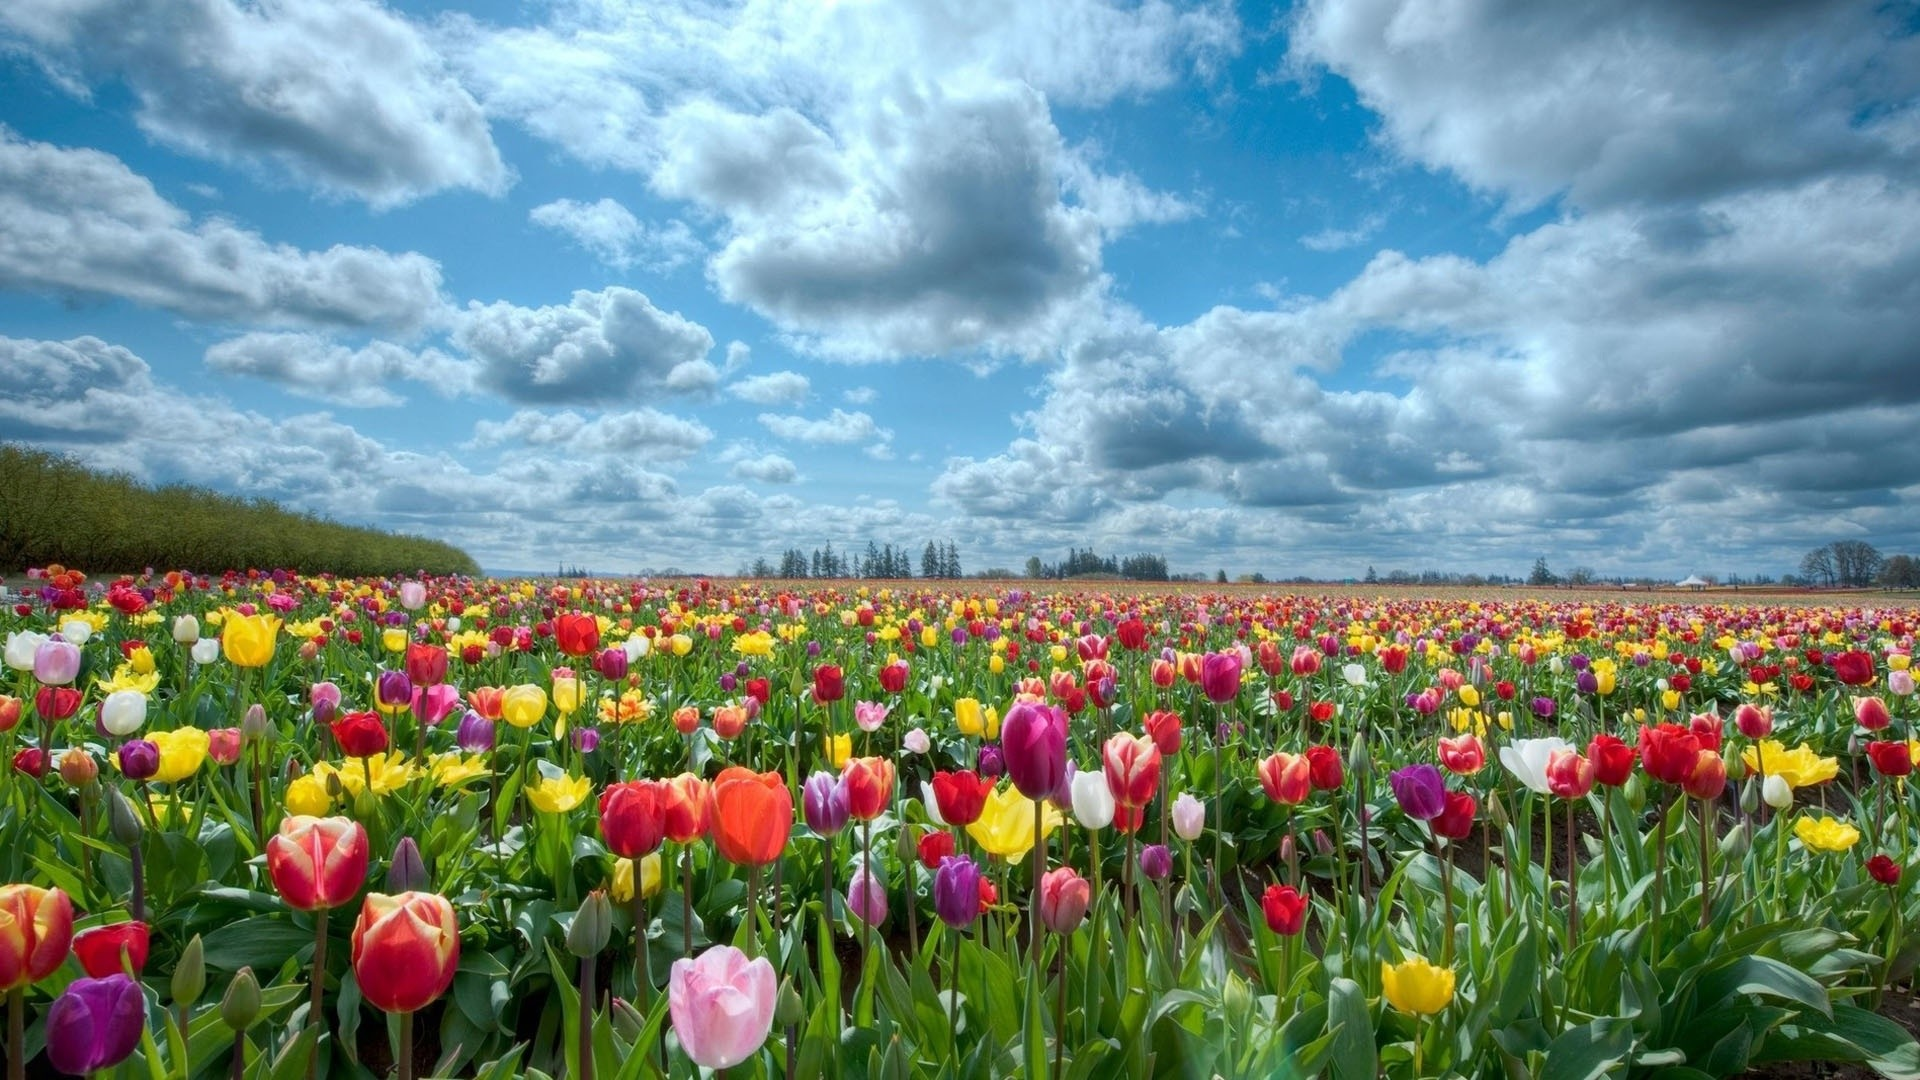 Field Of Flowers Wallpaper Hd-wallpapers-field-of-flowers